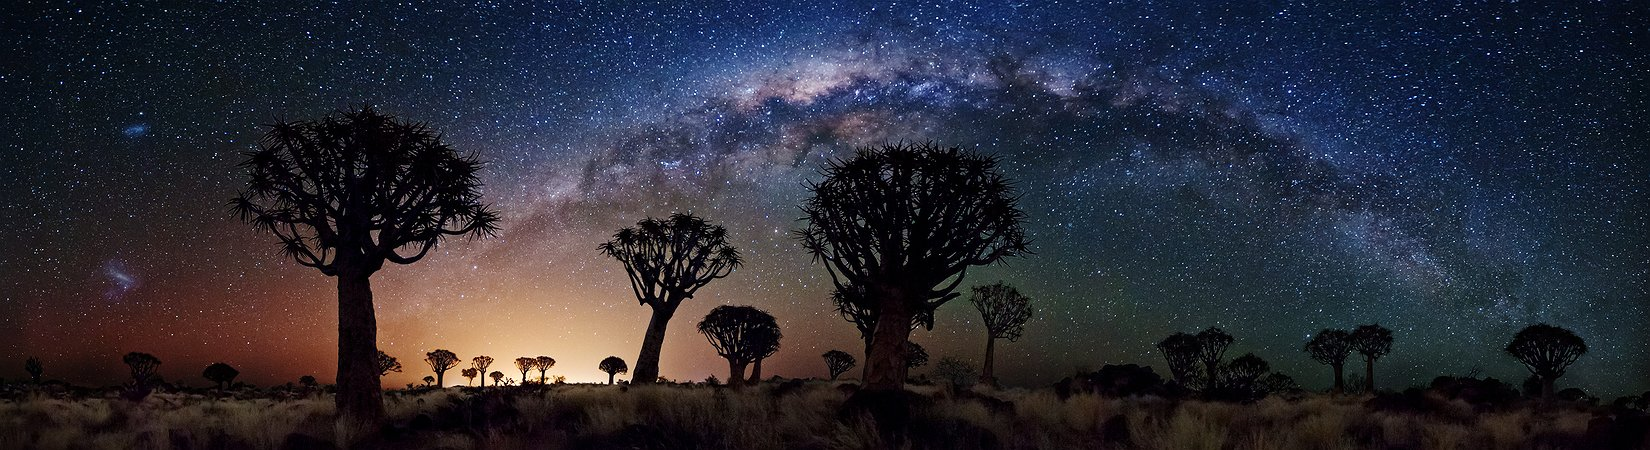 Unglaubliche Fakten über unsere Galaxie